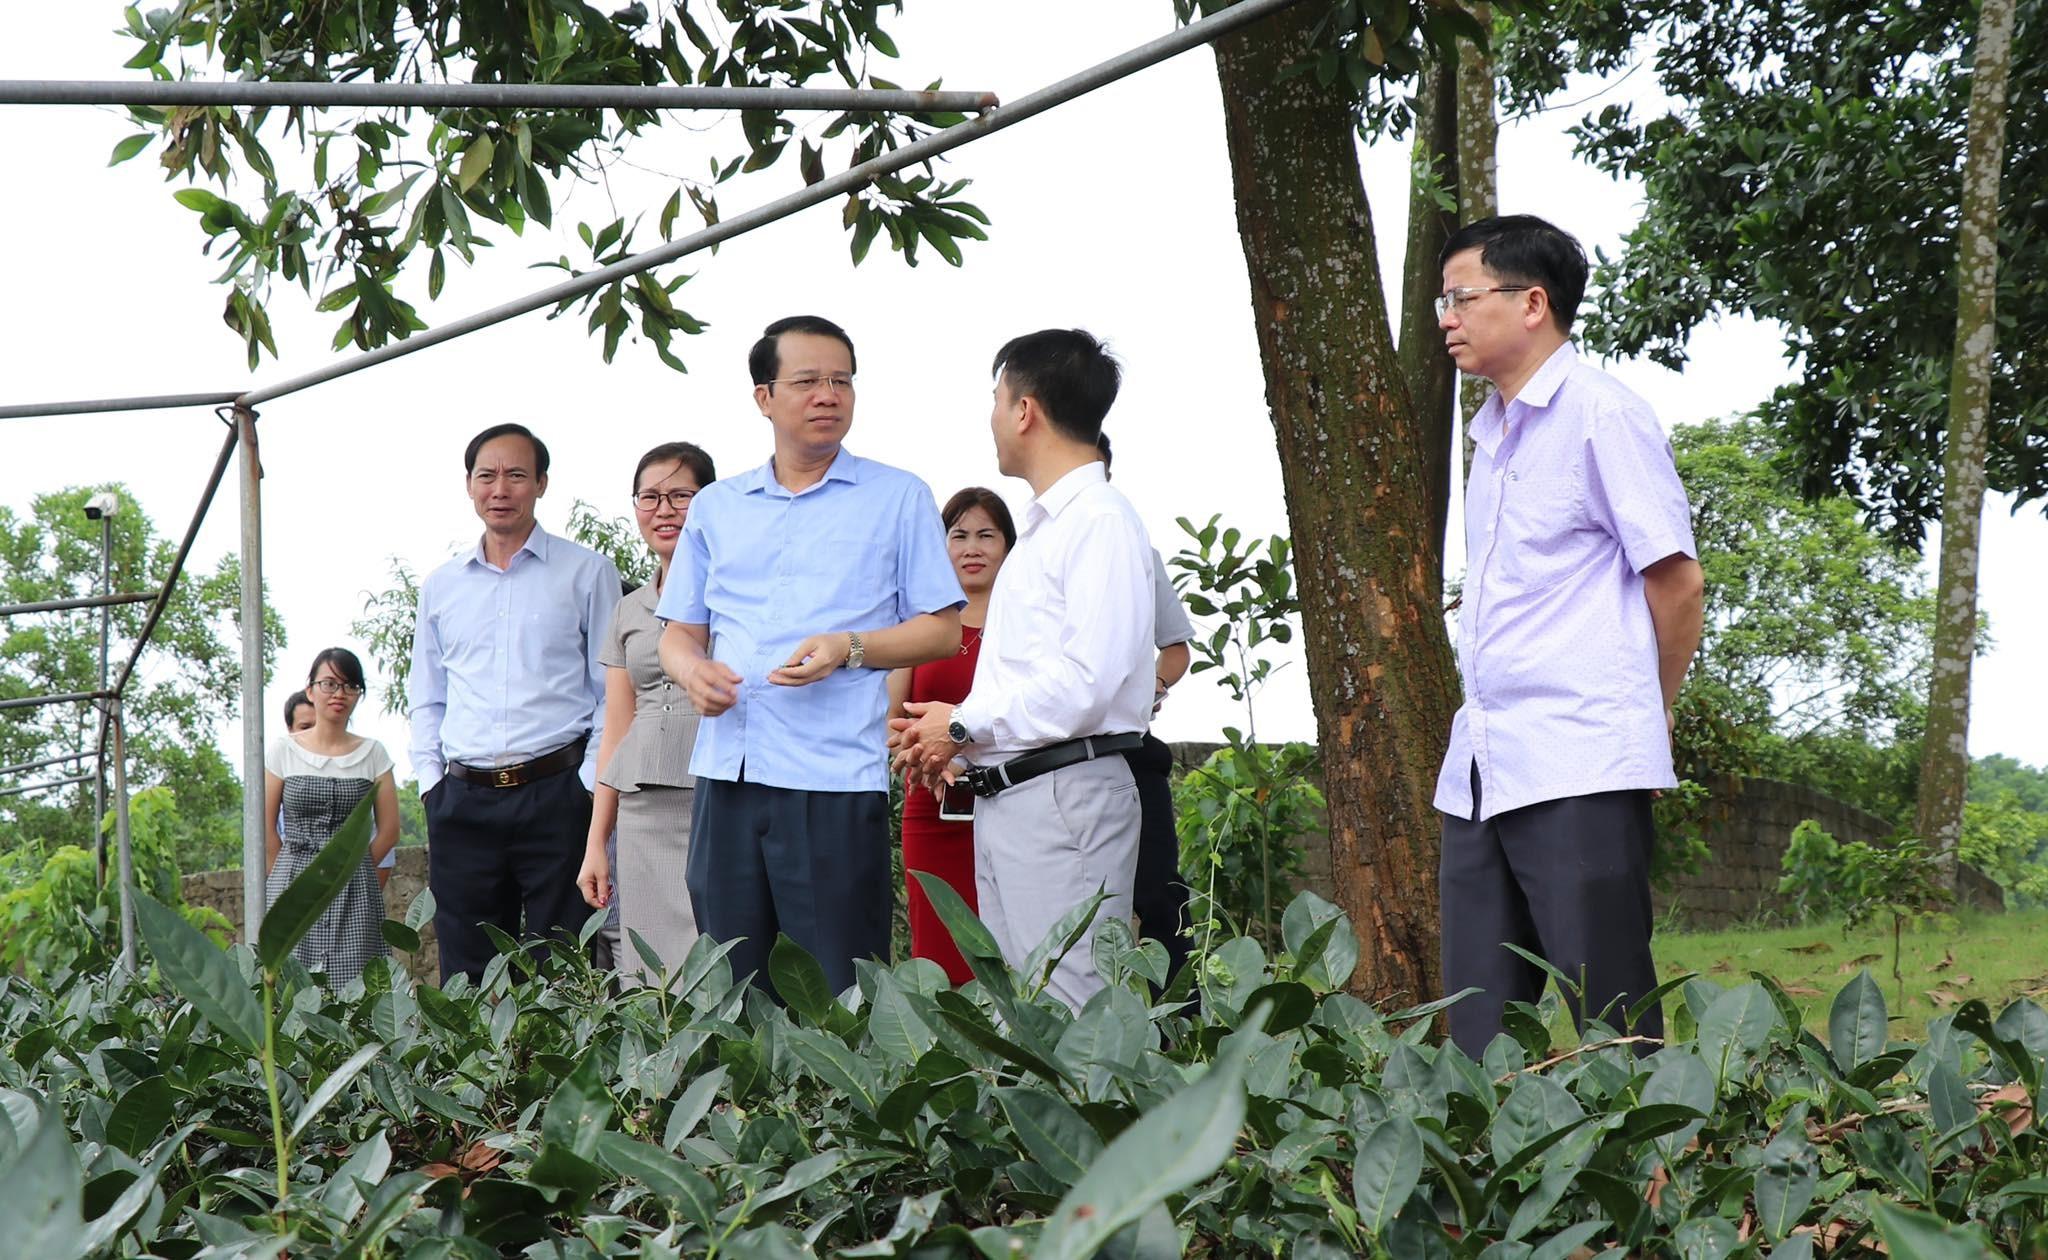 Ntea Thái Nguyên - Đơn vị thành viên xuất sắc trong lĩnh vực sản xuất nông nghiệp hữu cơ của Tập đoàn Ntea Group